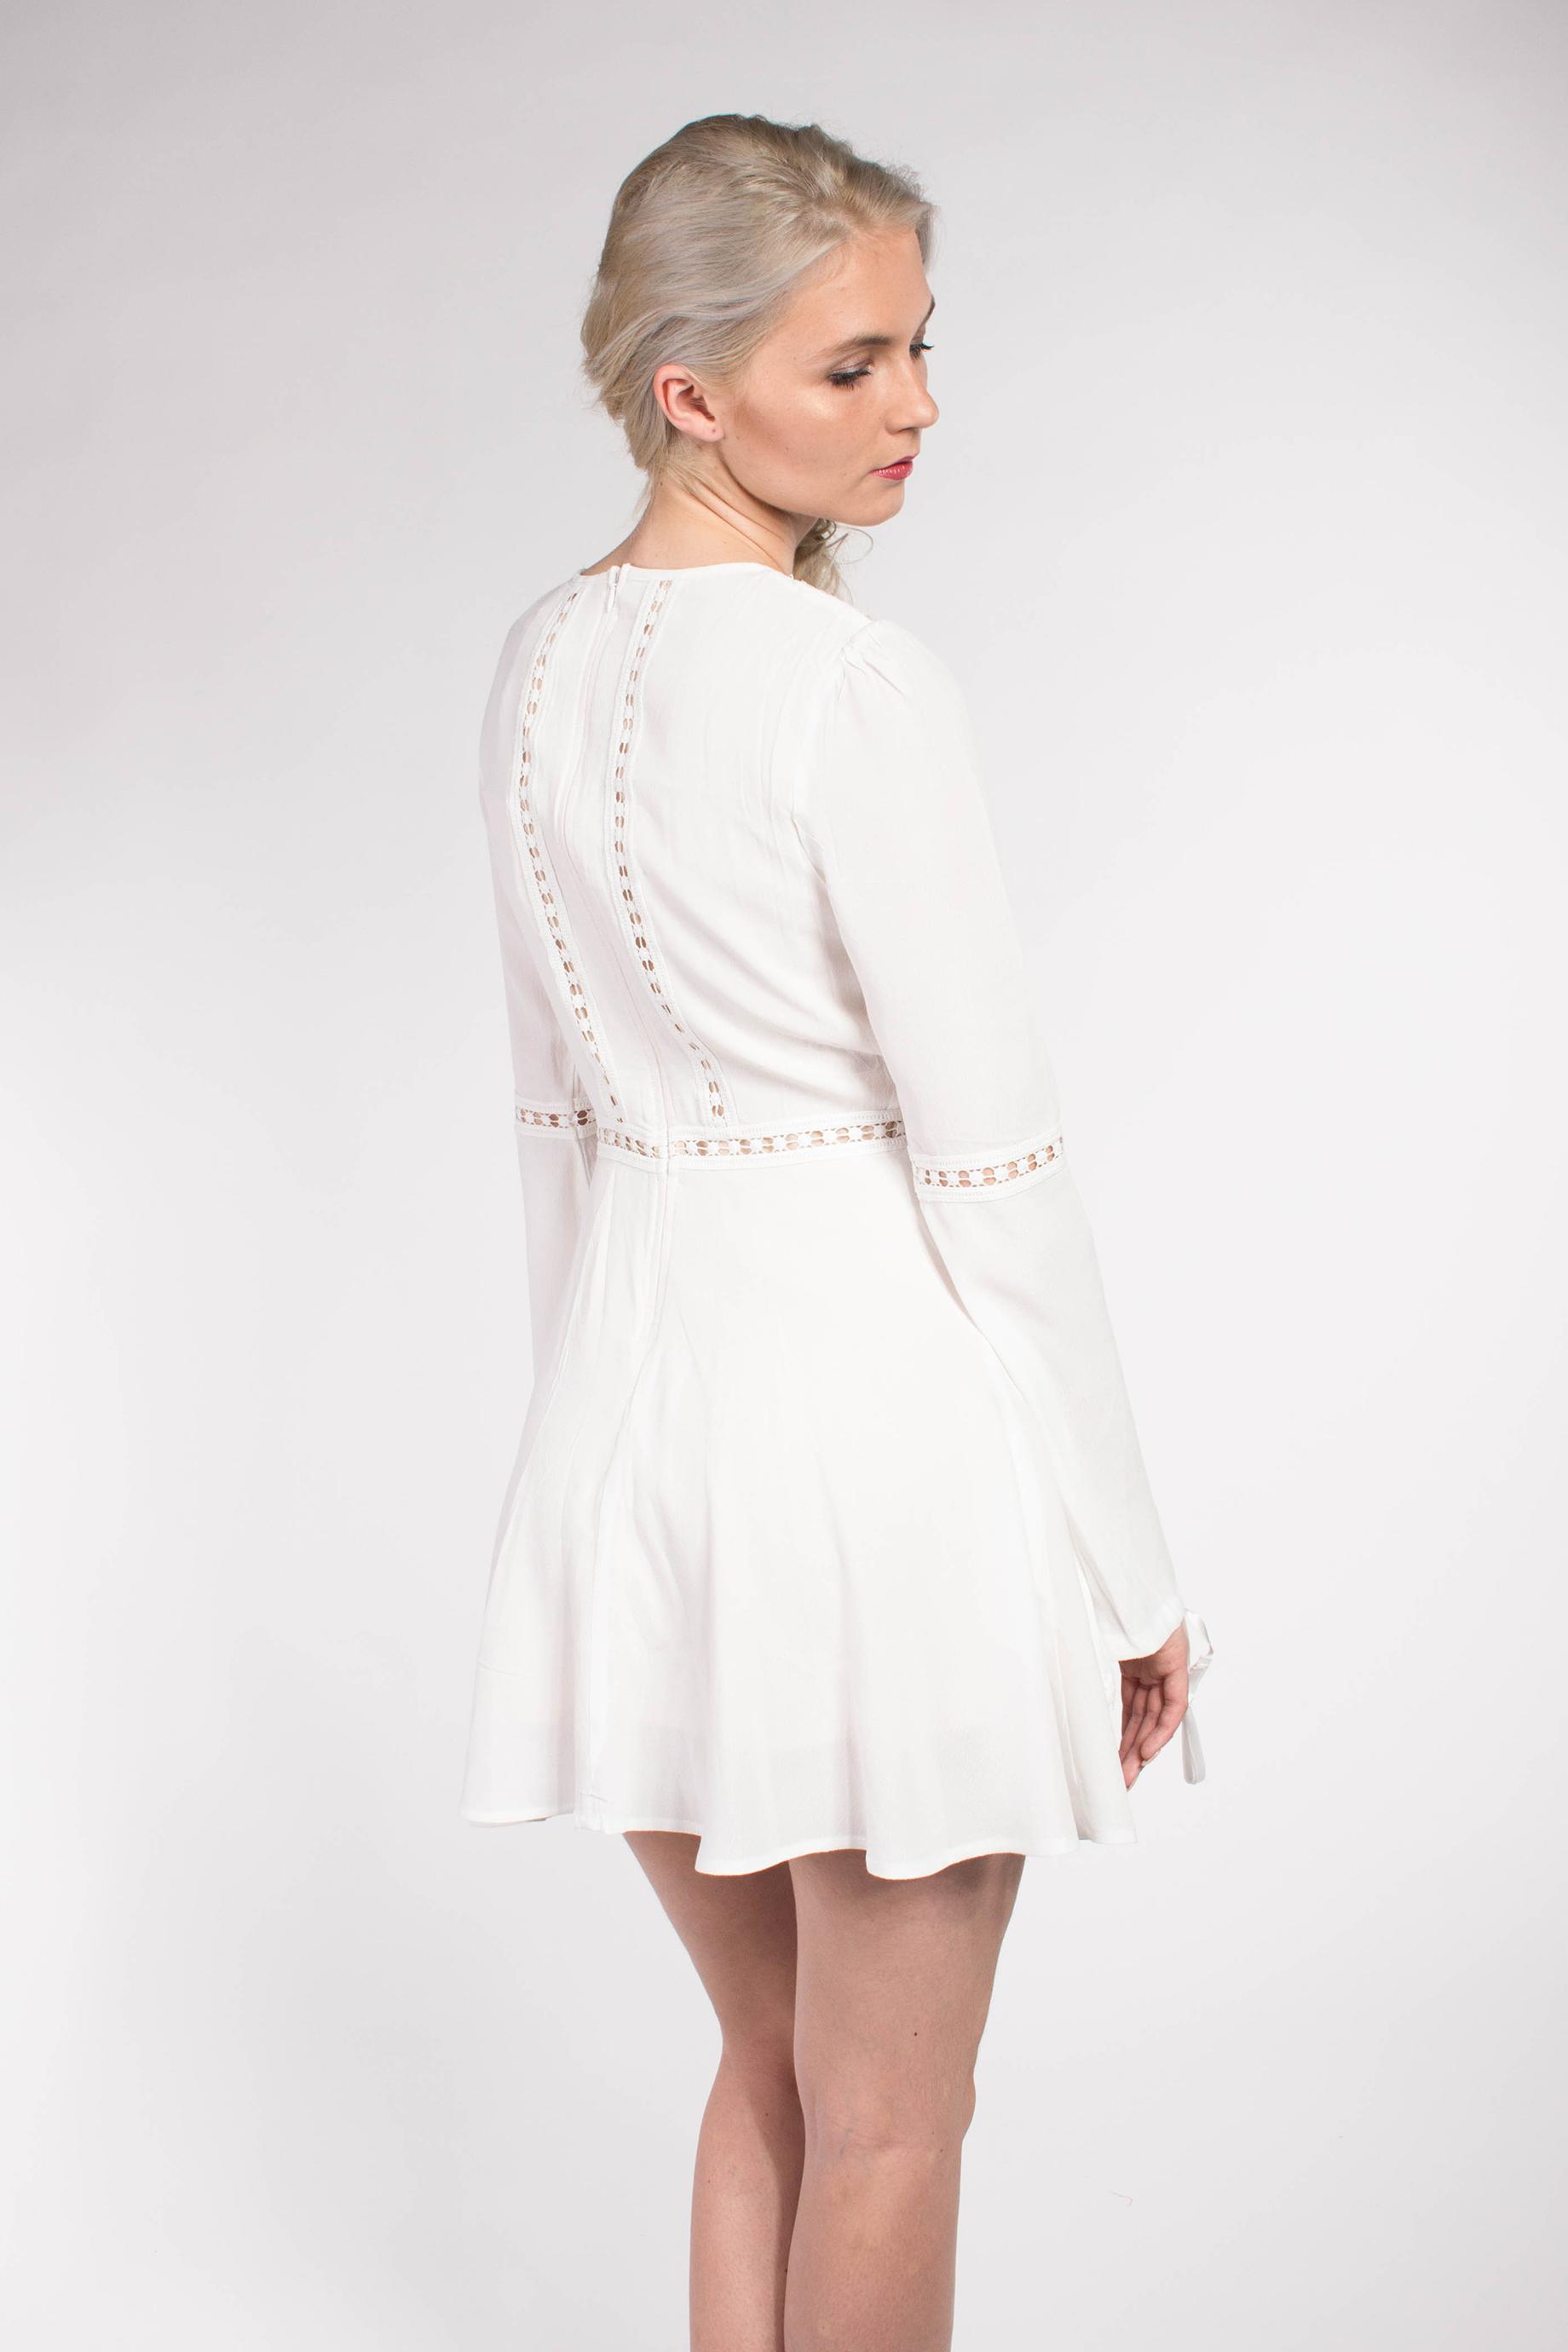 obrázok 4 Chicwish biele letné mini šaty so zvonovými rukávmi 0a9eb59a192